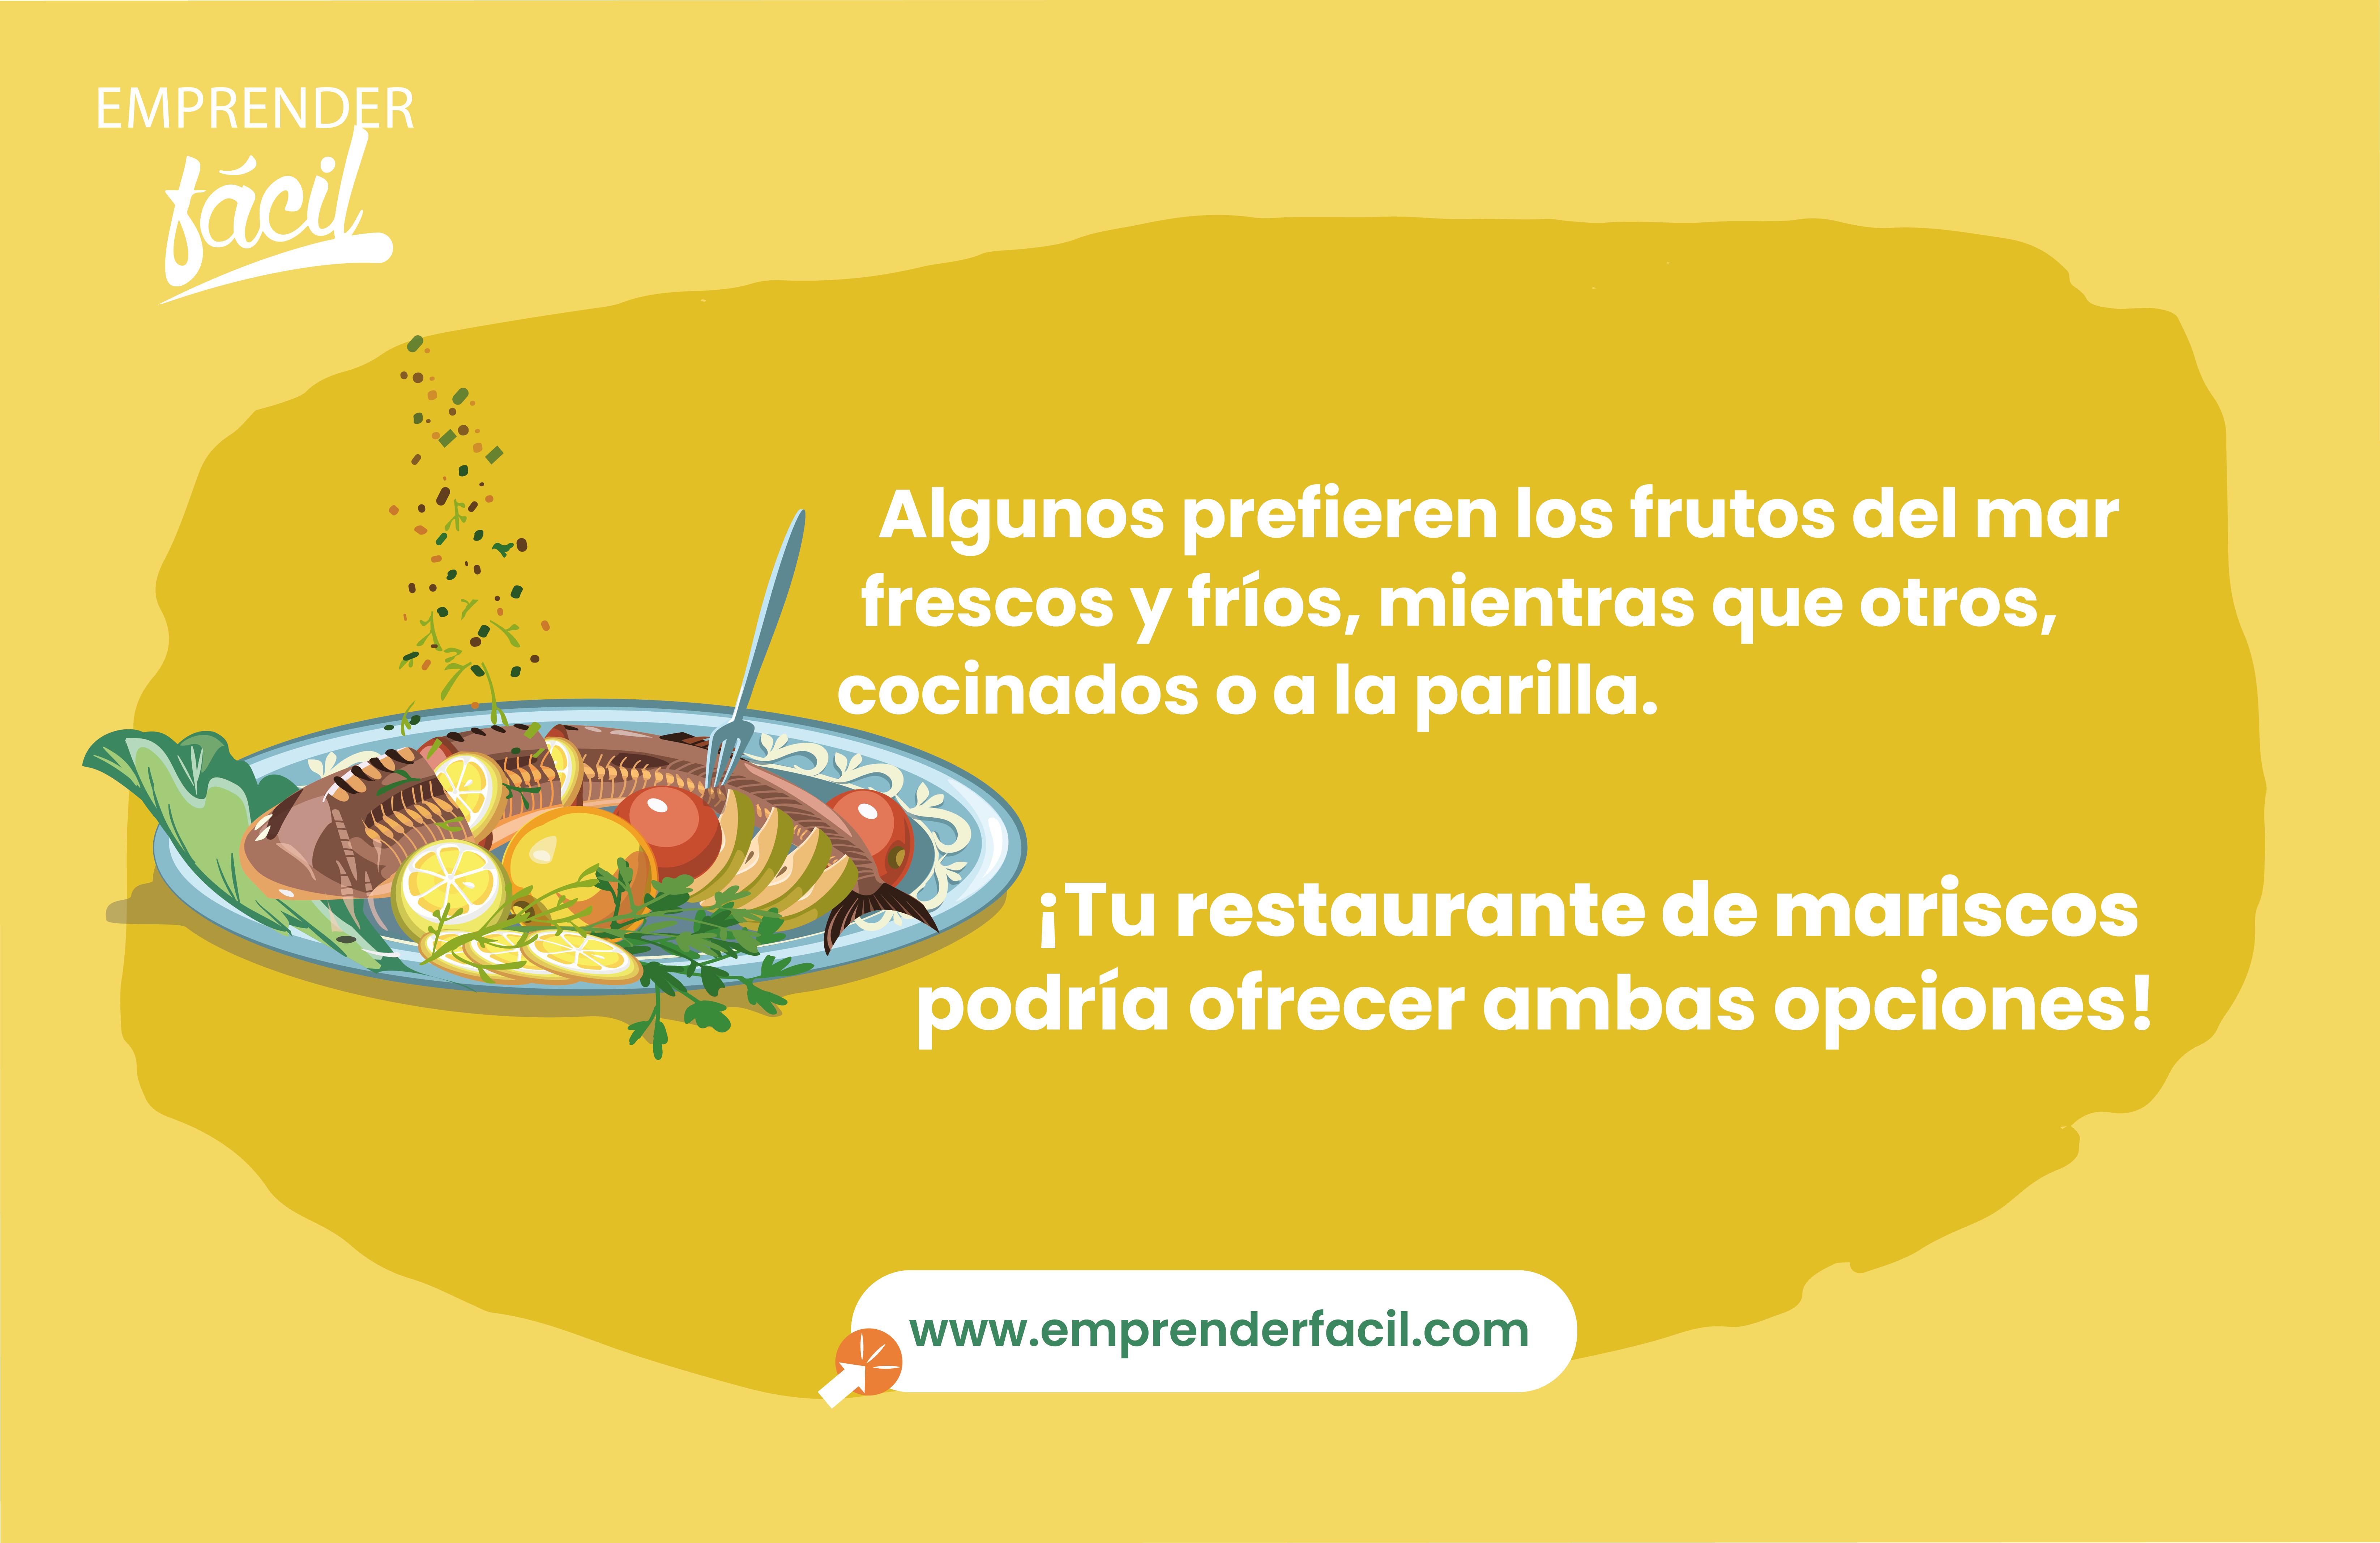 Los restaurantes de mariscos se especializan en los frutos del mar.